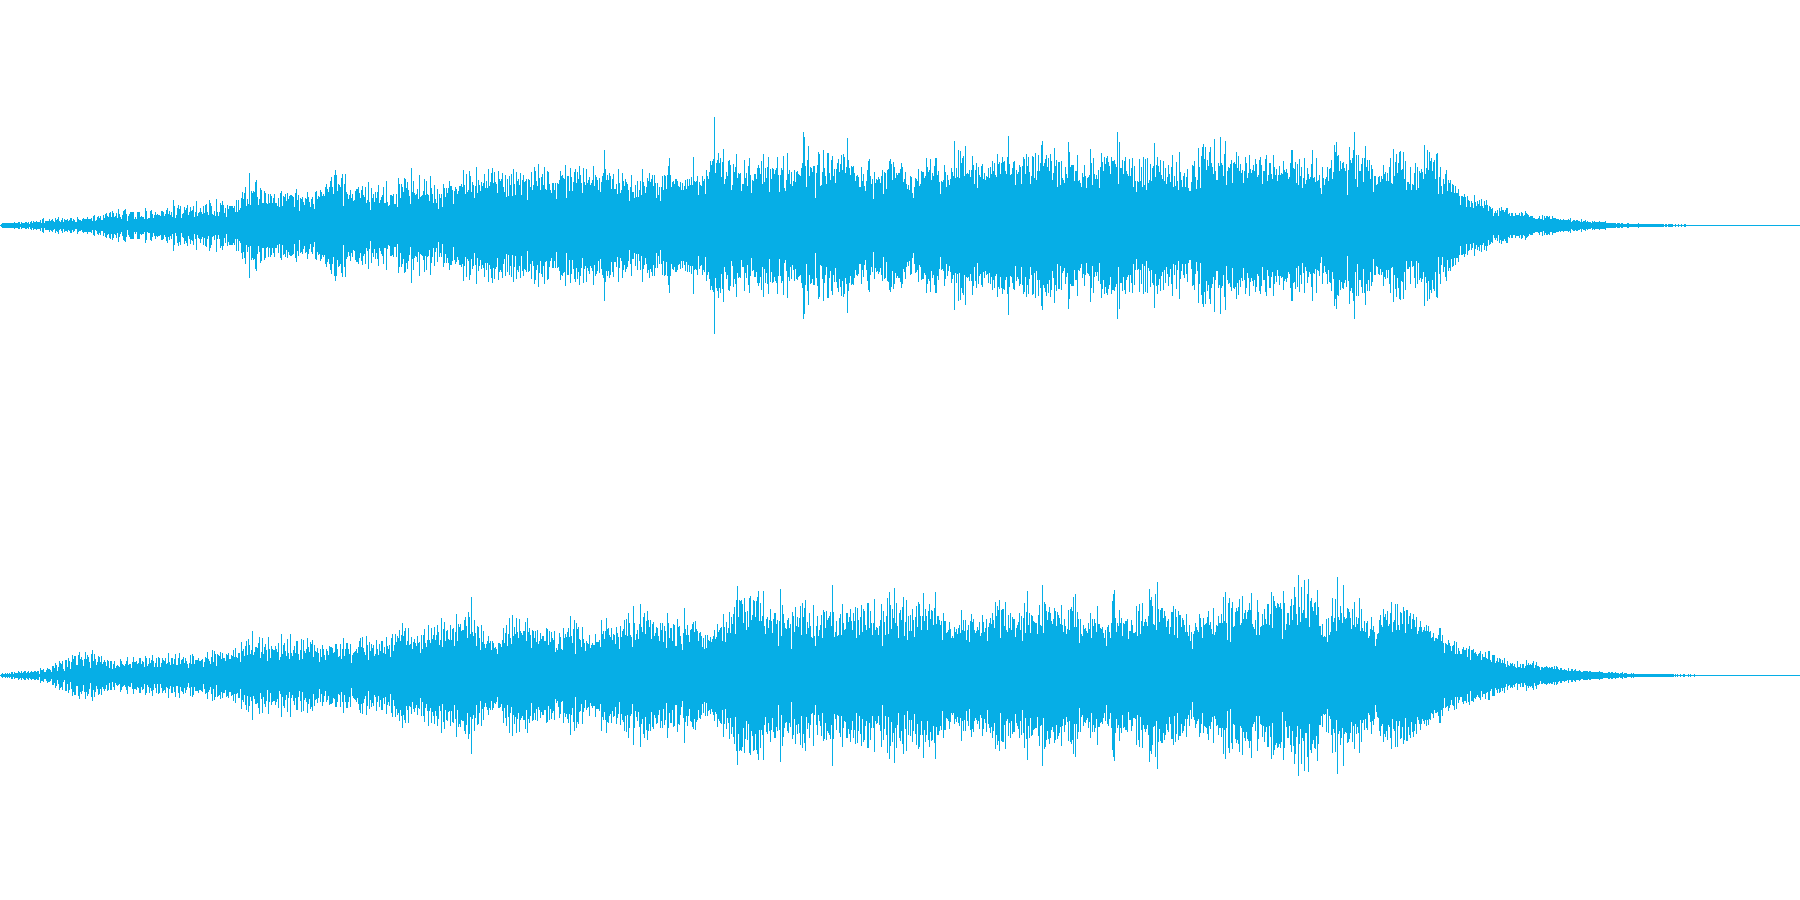 企業・サウンドロゴ・アイキャッチ4の再生済みの波形